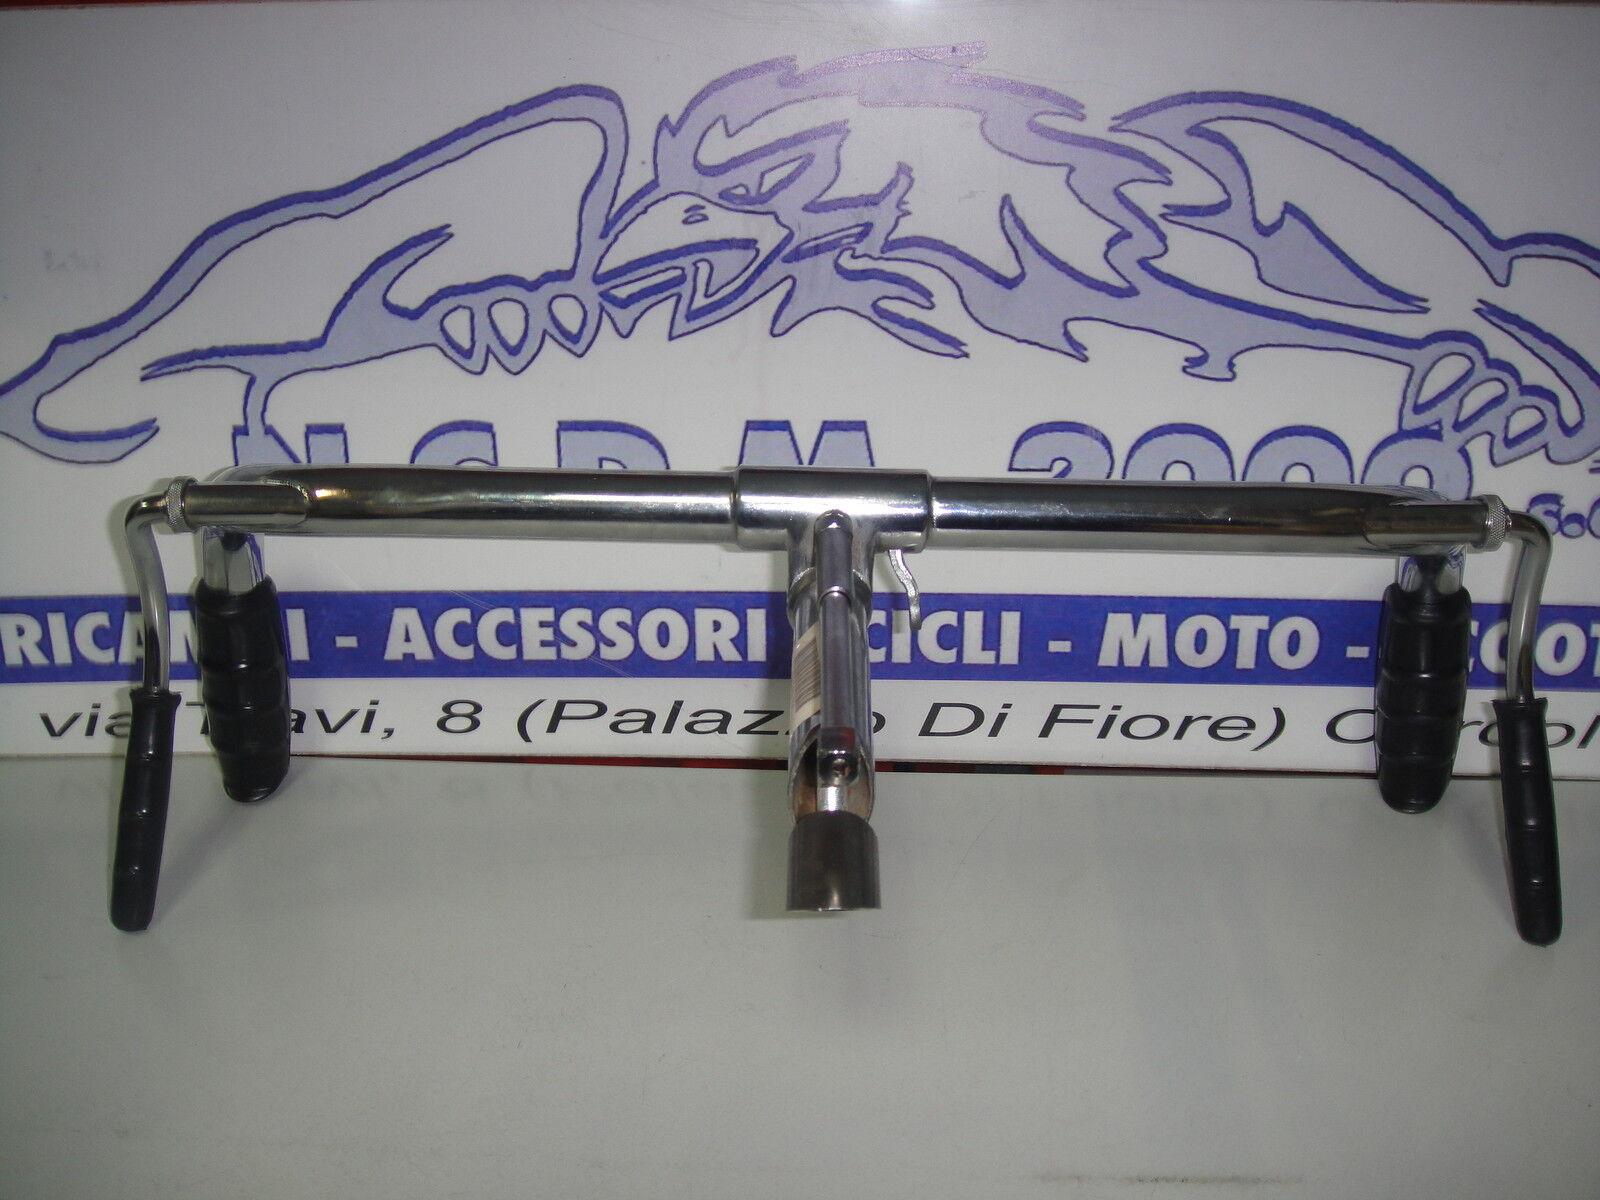 uomoubrio bici R in ferro con uomoopole e coprileve 305380175